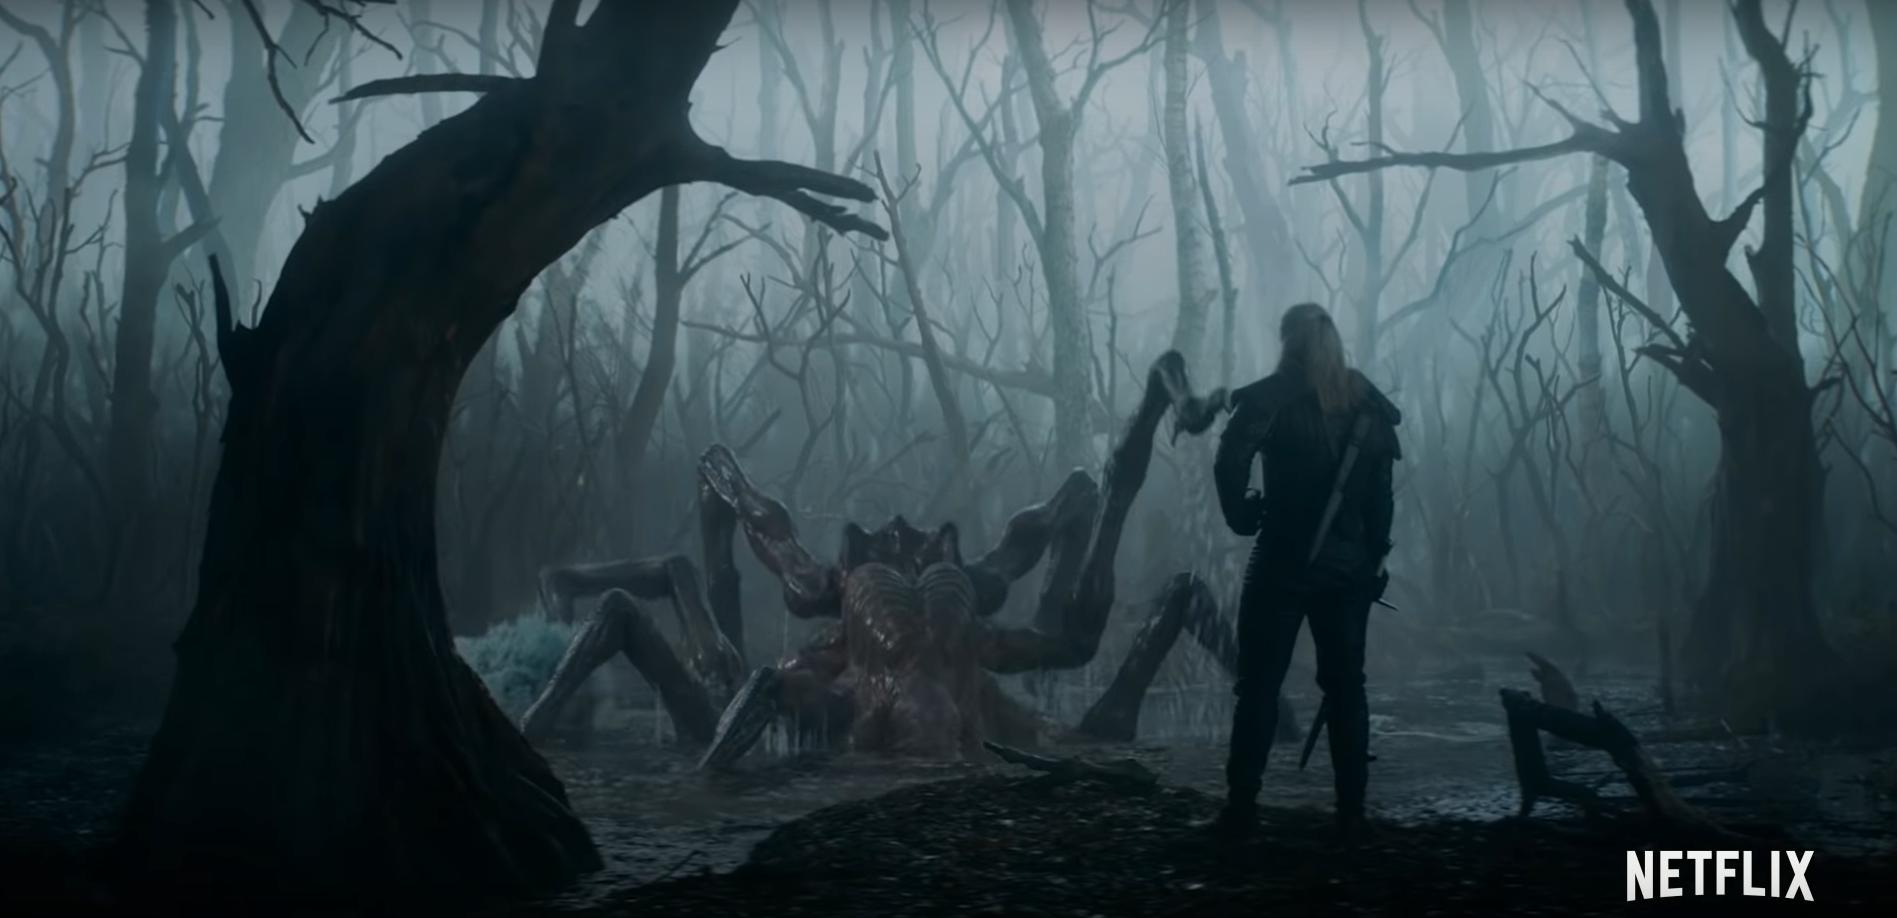 Il teaser culmina con una sequenza veramente epica, un Geralt immobile con tanto di spada d'argento sguainata che attende pazientemente l'emergere di una gigantesca creatura aracnoforme… si tratta di una Kikimora? O una Anfisbena… sembra una battaglia impari.